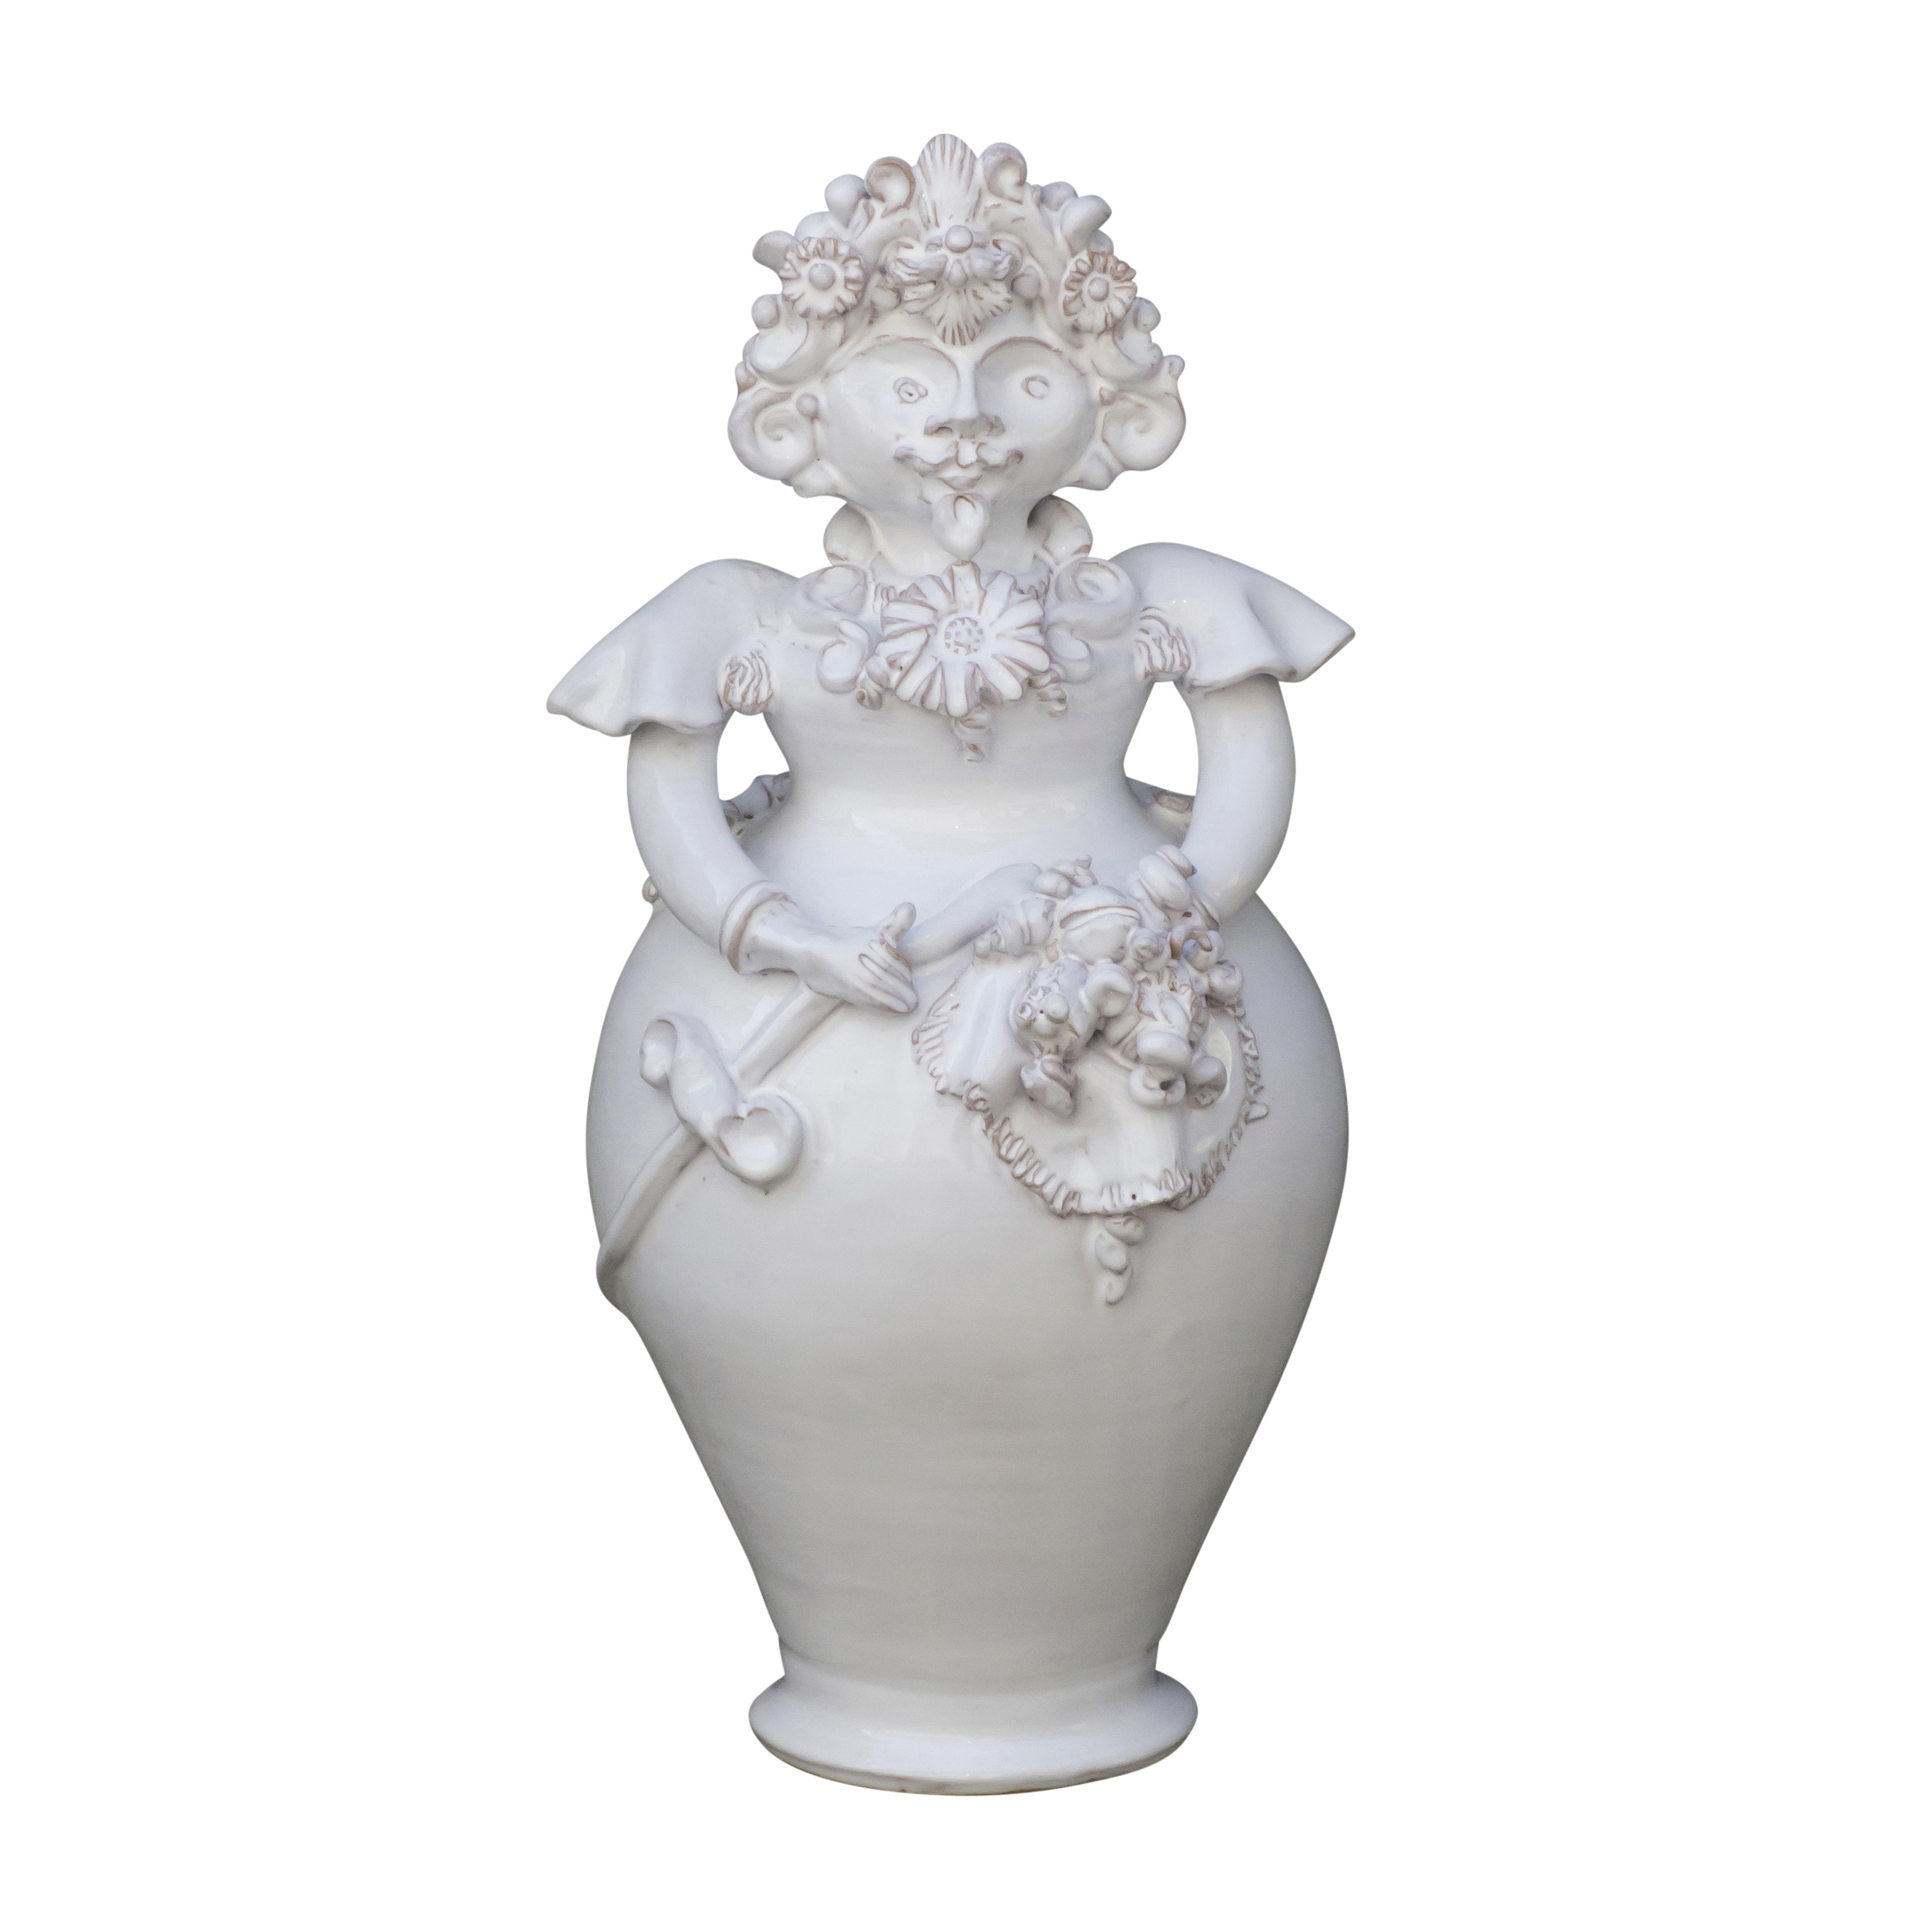 Ceramiche di Grottaglie: La Pupa Baffuta